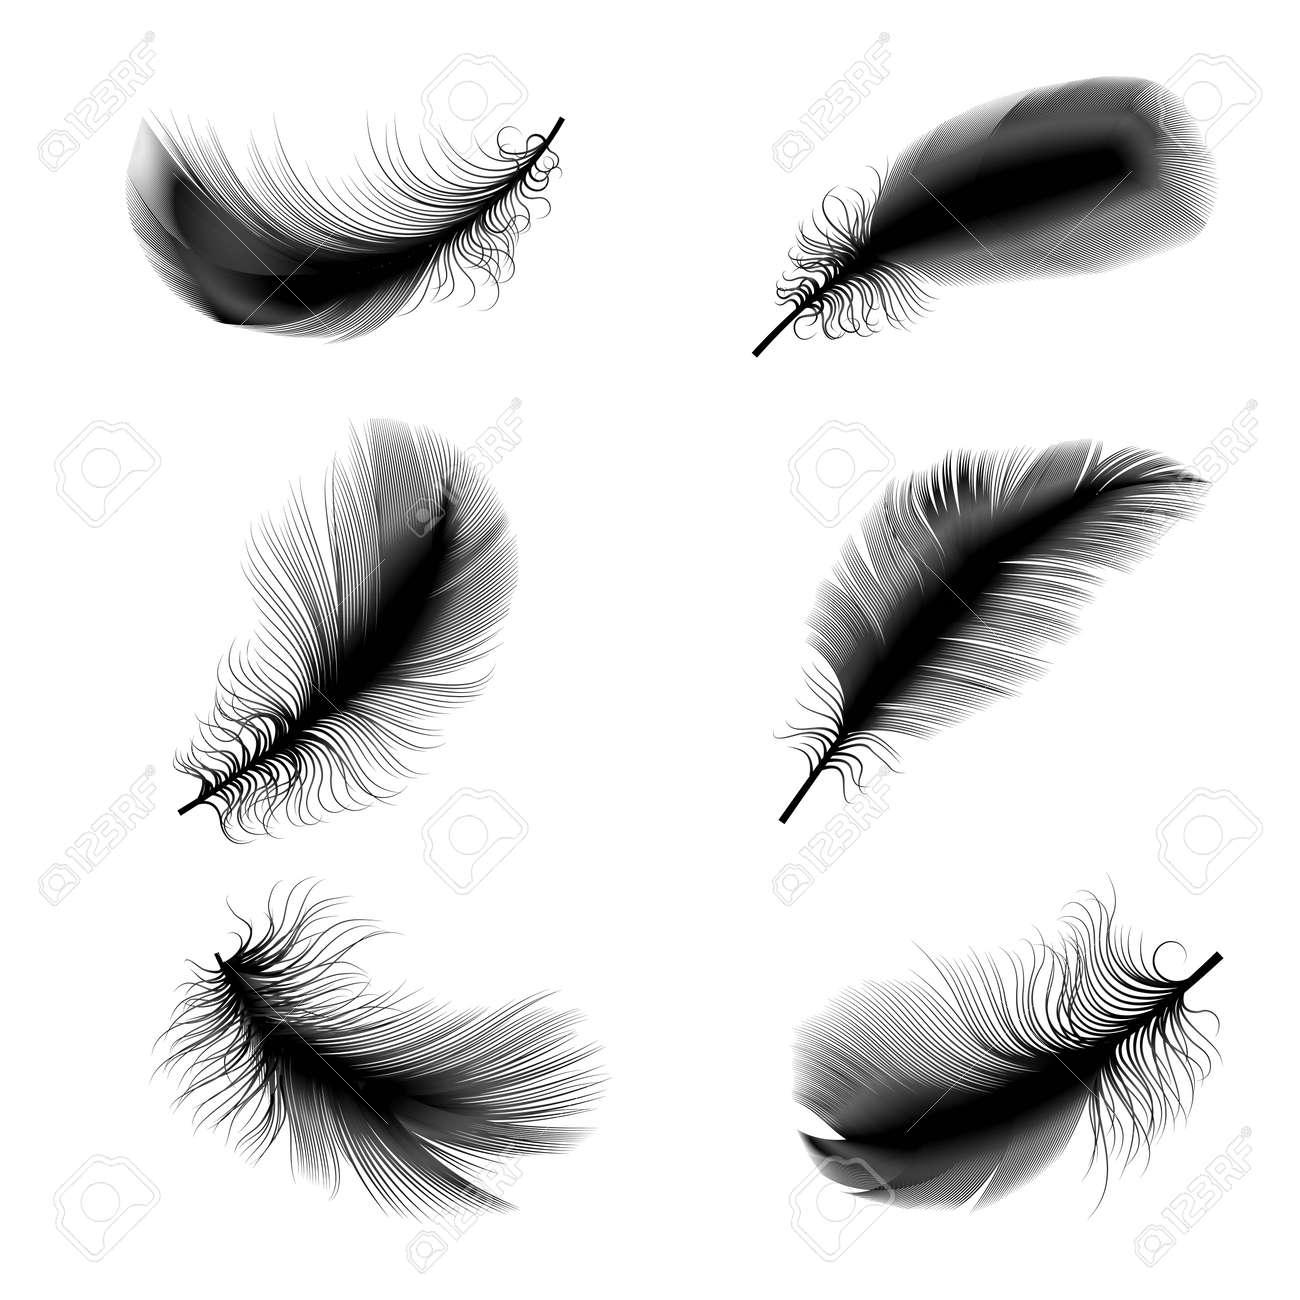 鳥の羽のベクトル イラストのイラスト素材ベクタ Image 38393545